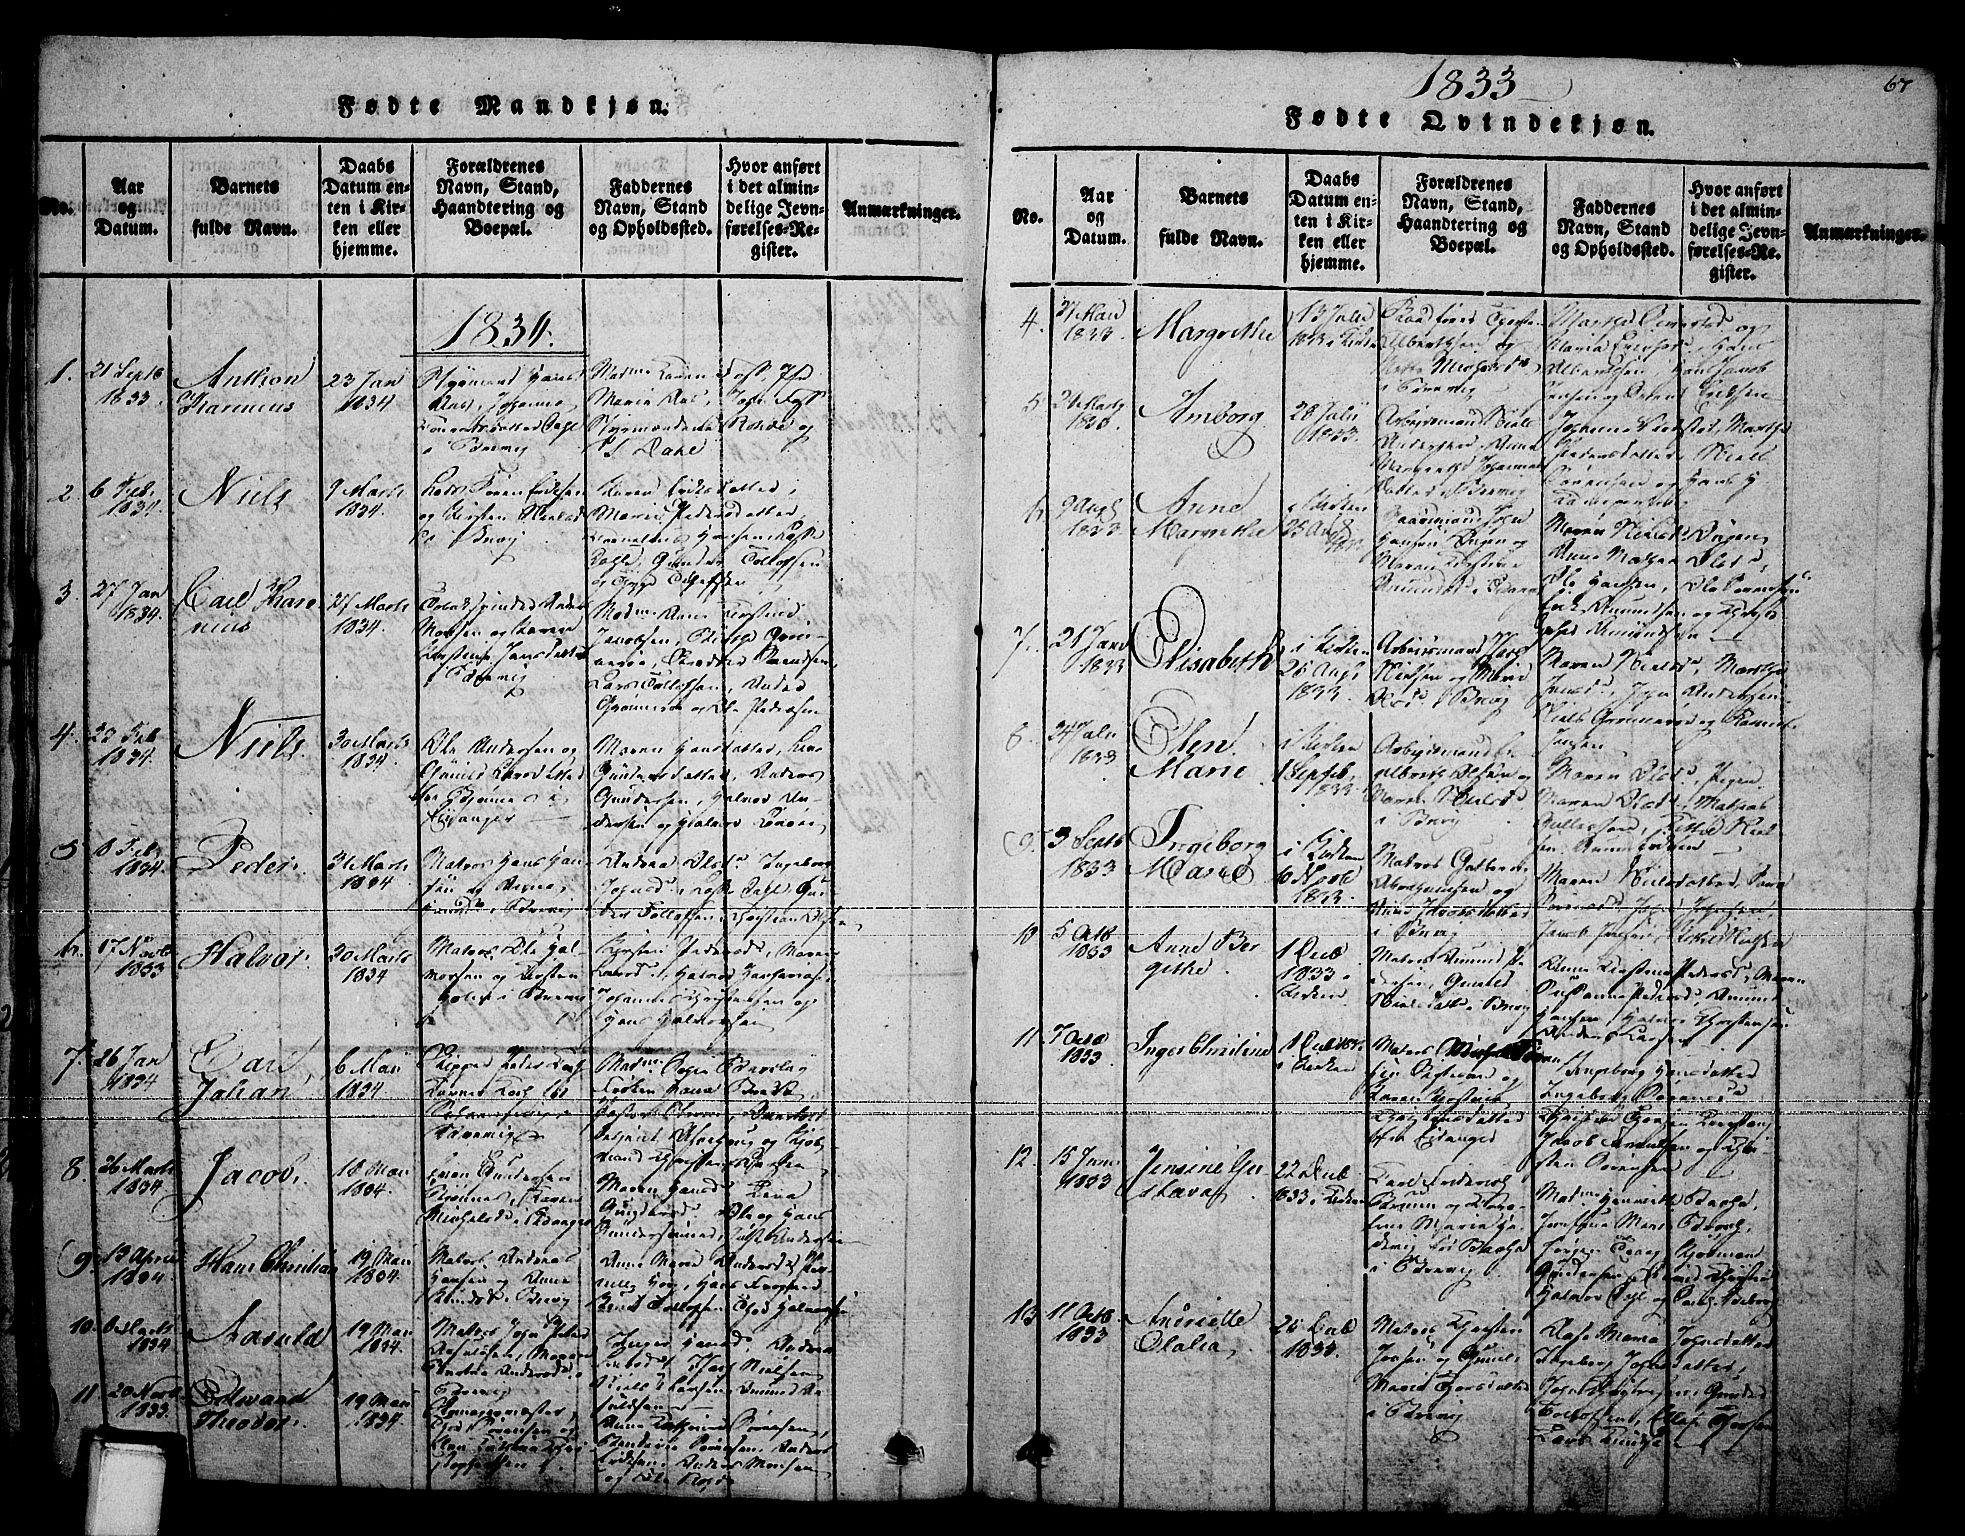 SAKO, Brevik kirkebøker, F/Fa/L0004: Ministerialbok nr. 4, 1814-1846, s. 67